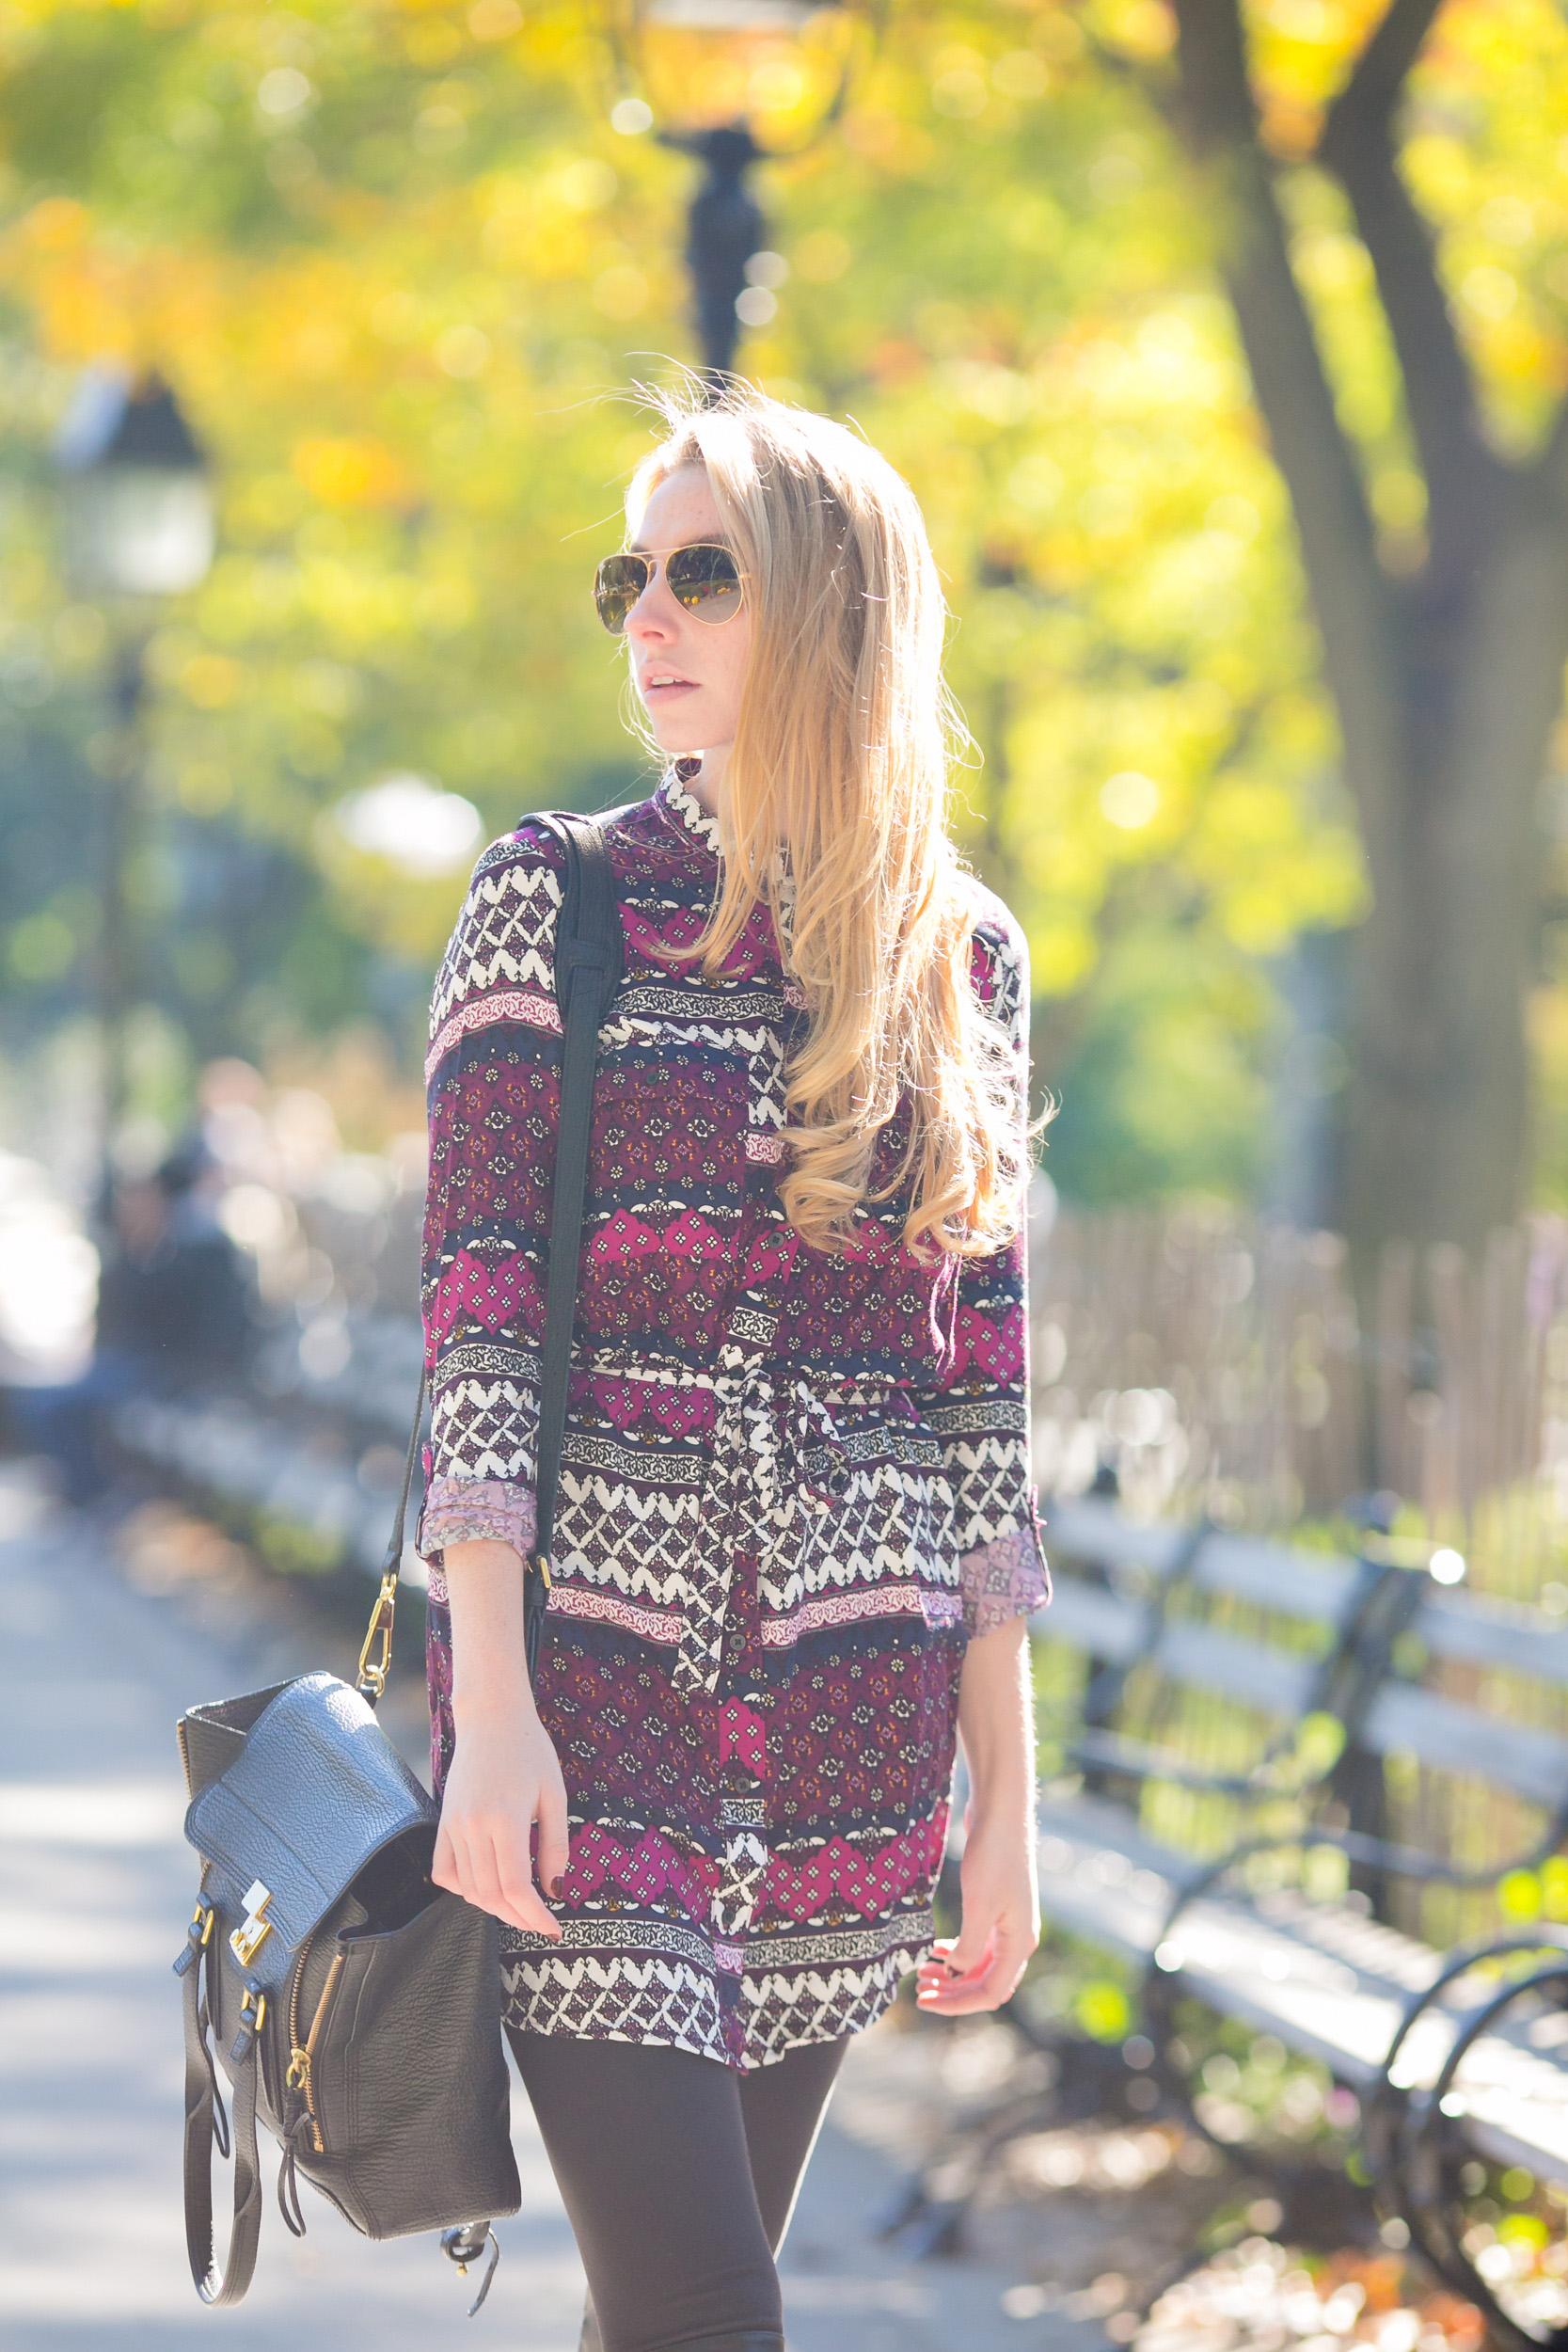 Fall Street Style (via model & blogger, Girl x Garment)